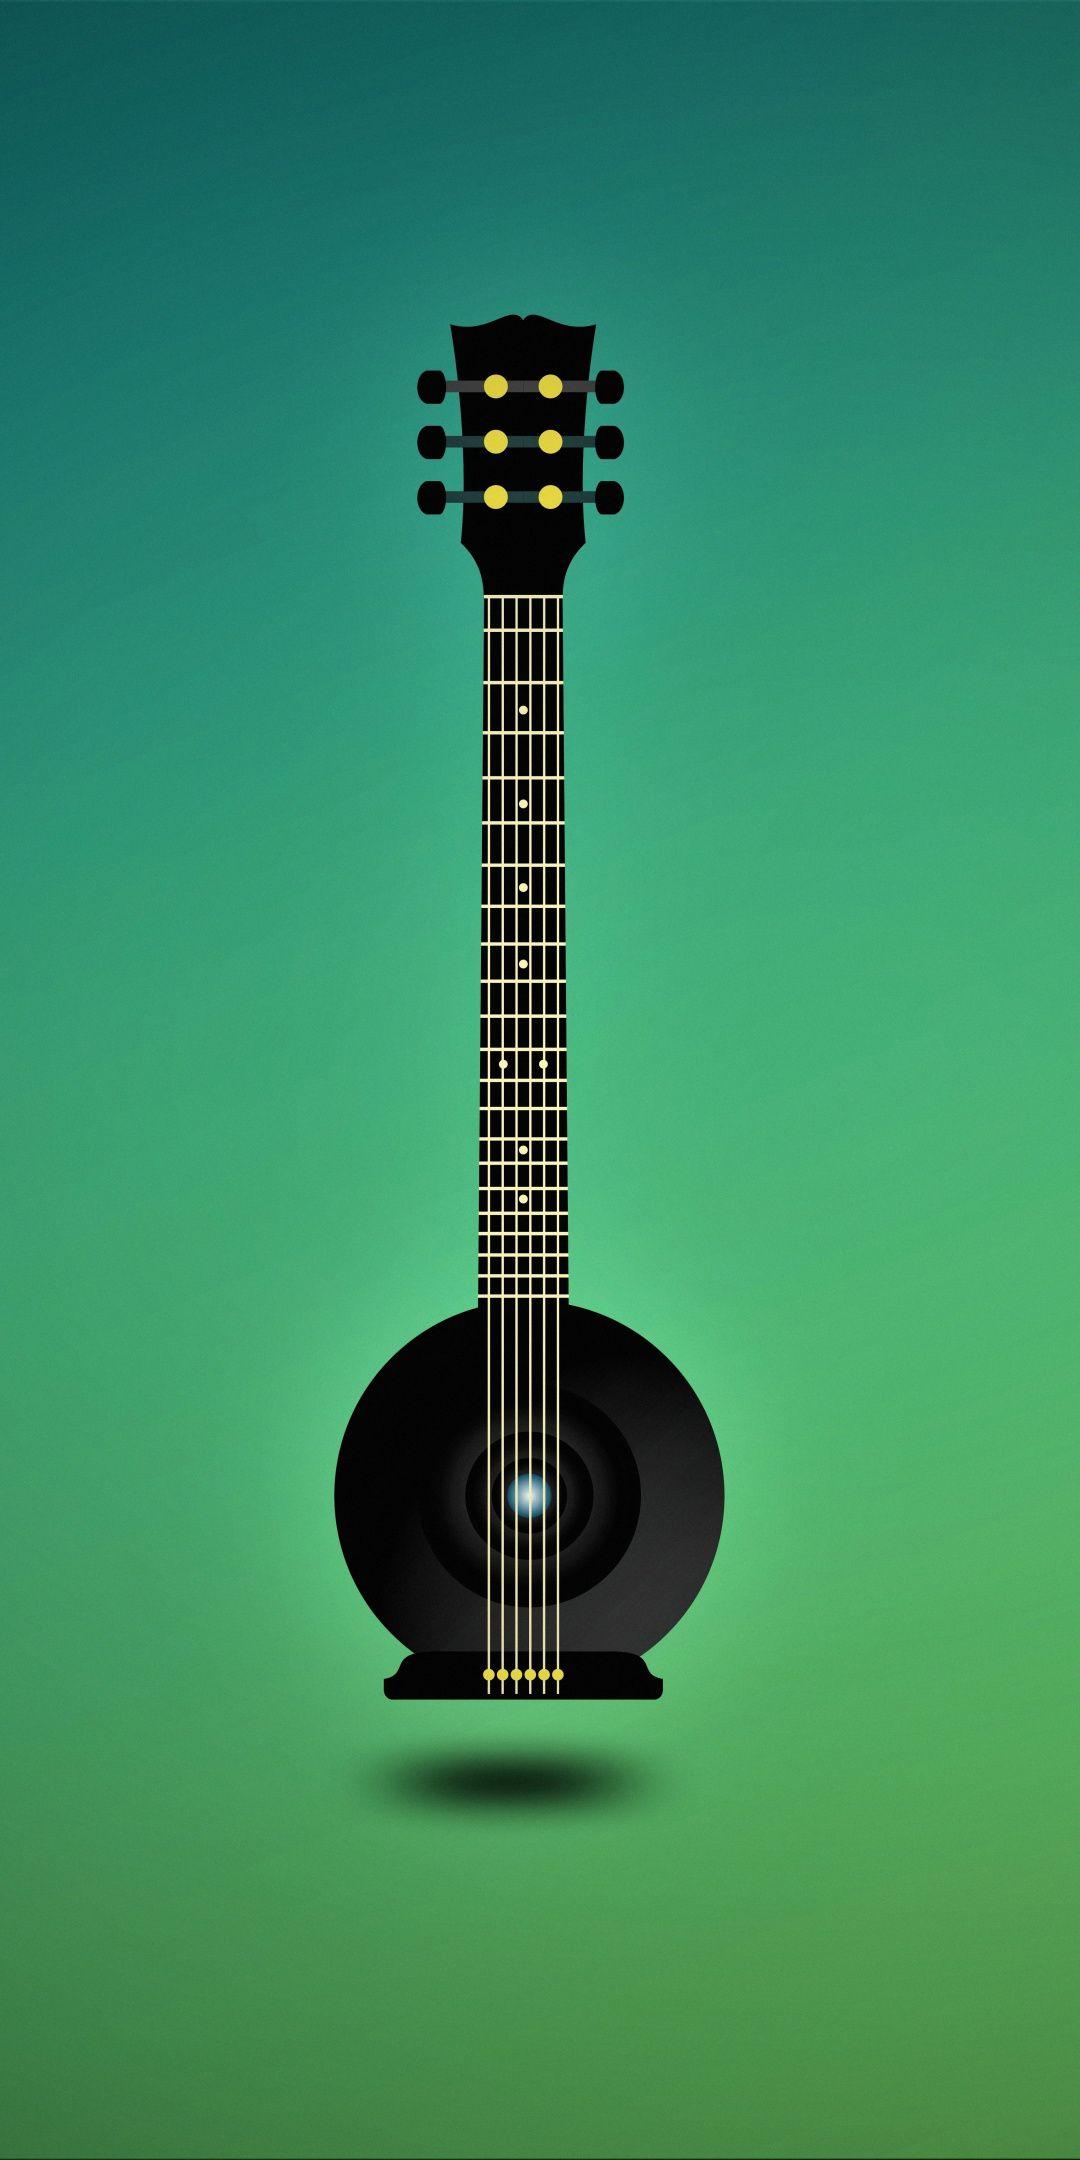 Music Guitar Minimal Art 1080x2160 Wallpaper Acoustic Guitar Photography Wallpaper Guitar